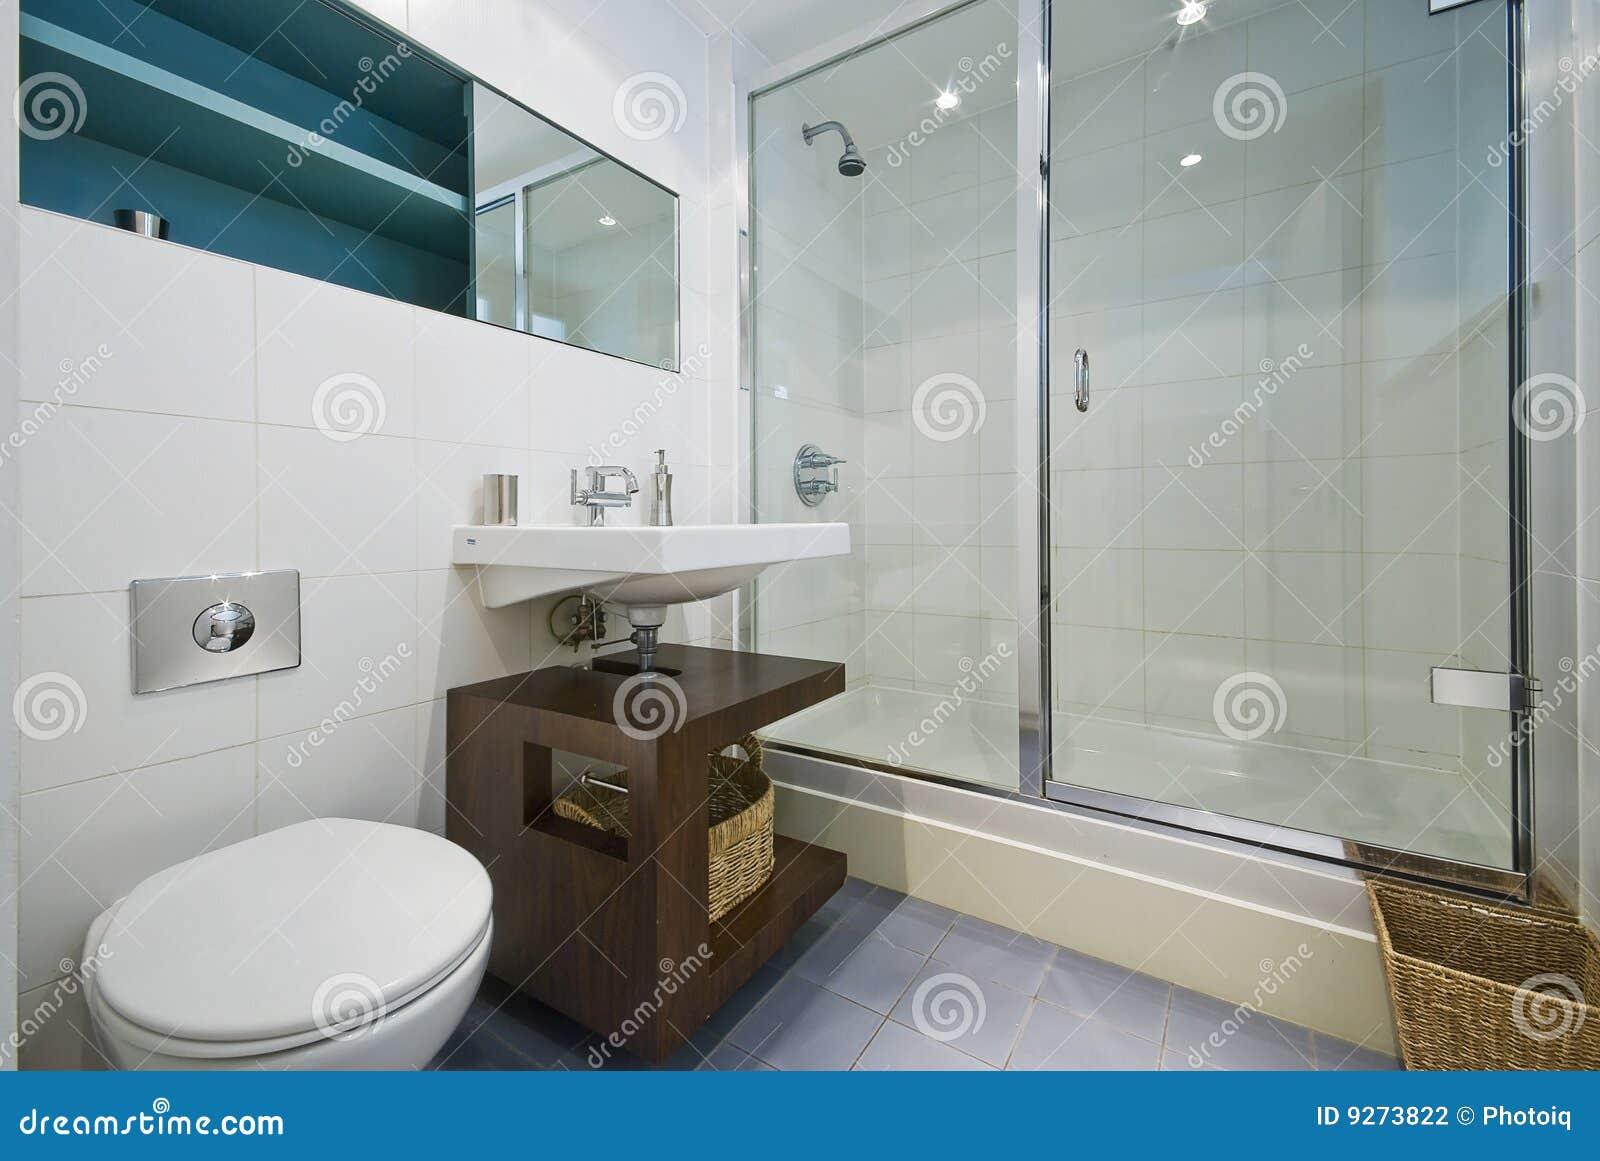 Banheiro Contemporâneo Com Chuveiro De Canto Fotografia de Stock  #2D505E 1300x960 Banheiro Com Banheira De Canto E Chuveiro